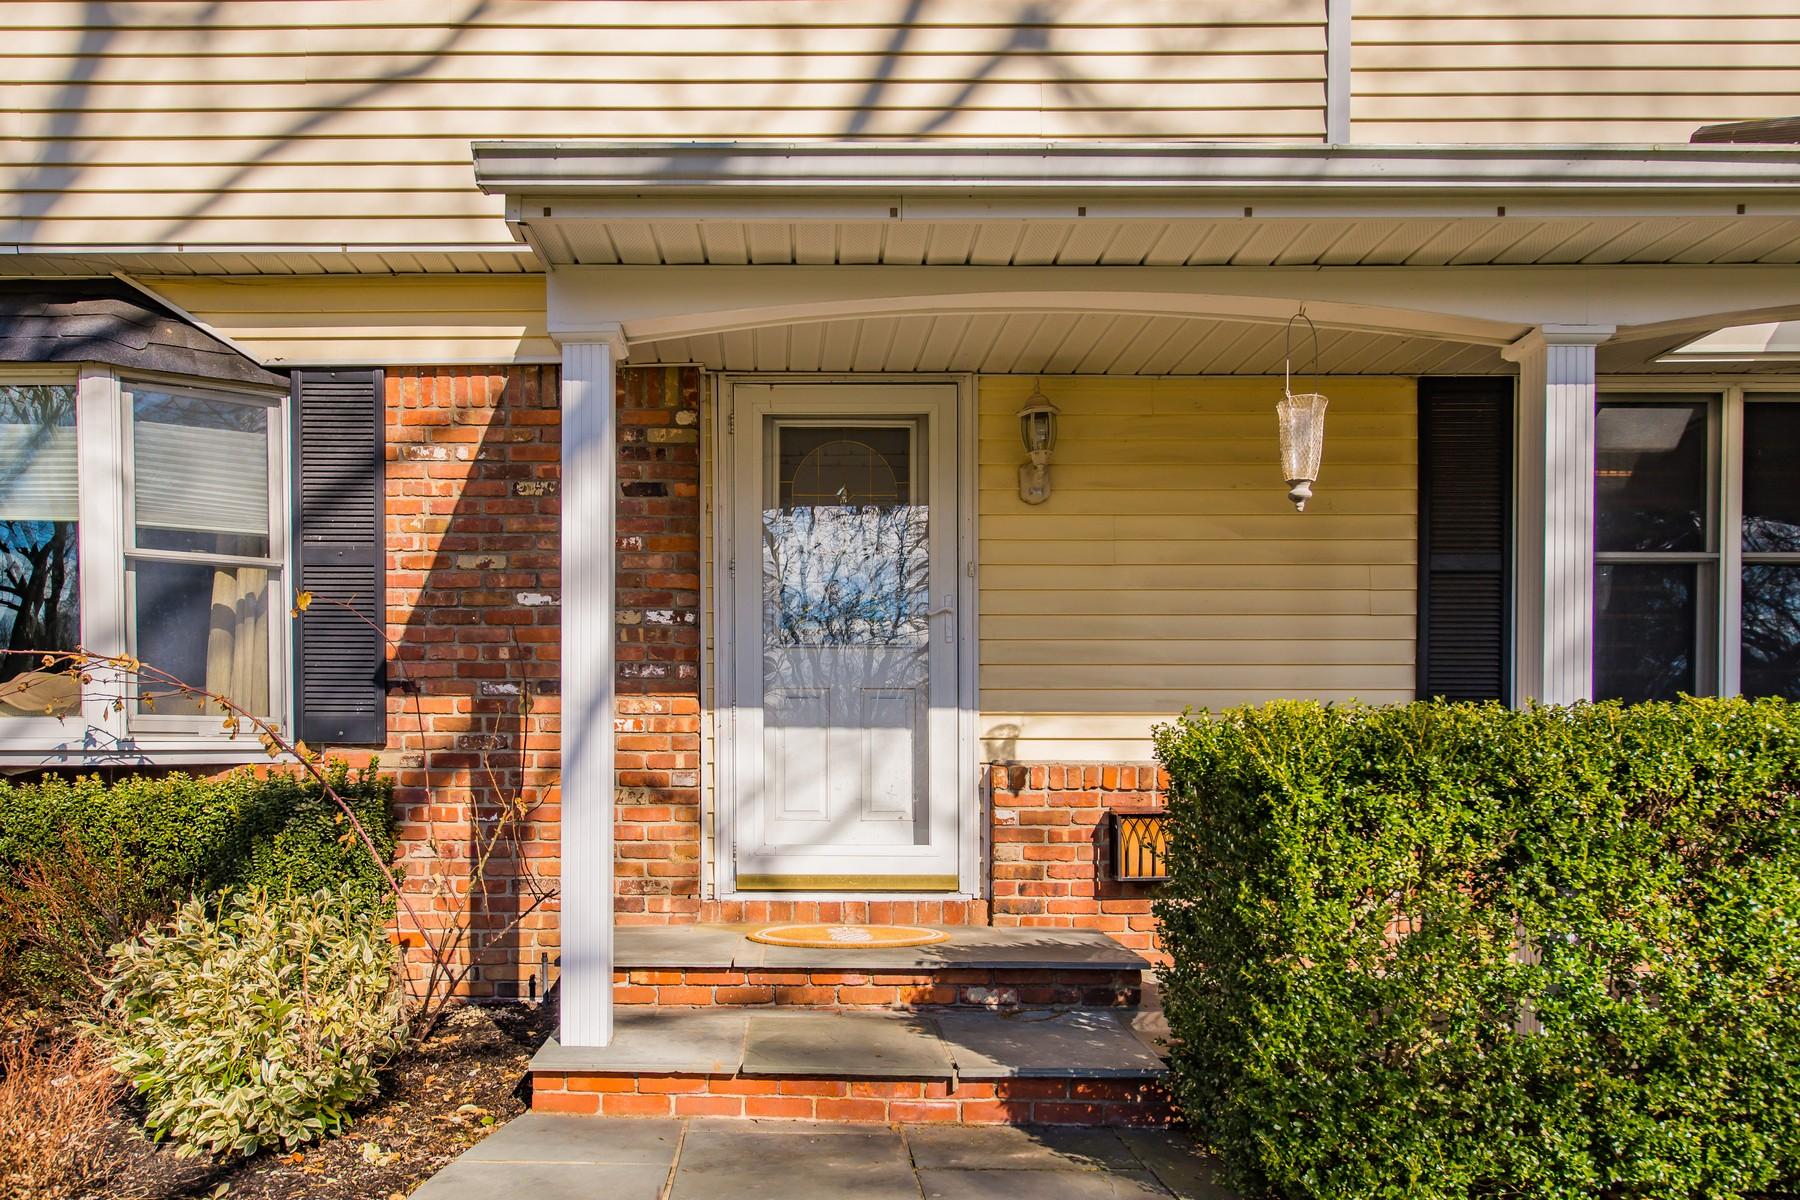 Частный односемейный дом для того Продажа на 12 Beal Ct , Huntington, NY 11743 12 Beal Ct, Huntington, Нью-Йорк, 11743 Соединенные Штаты